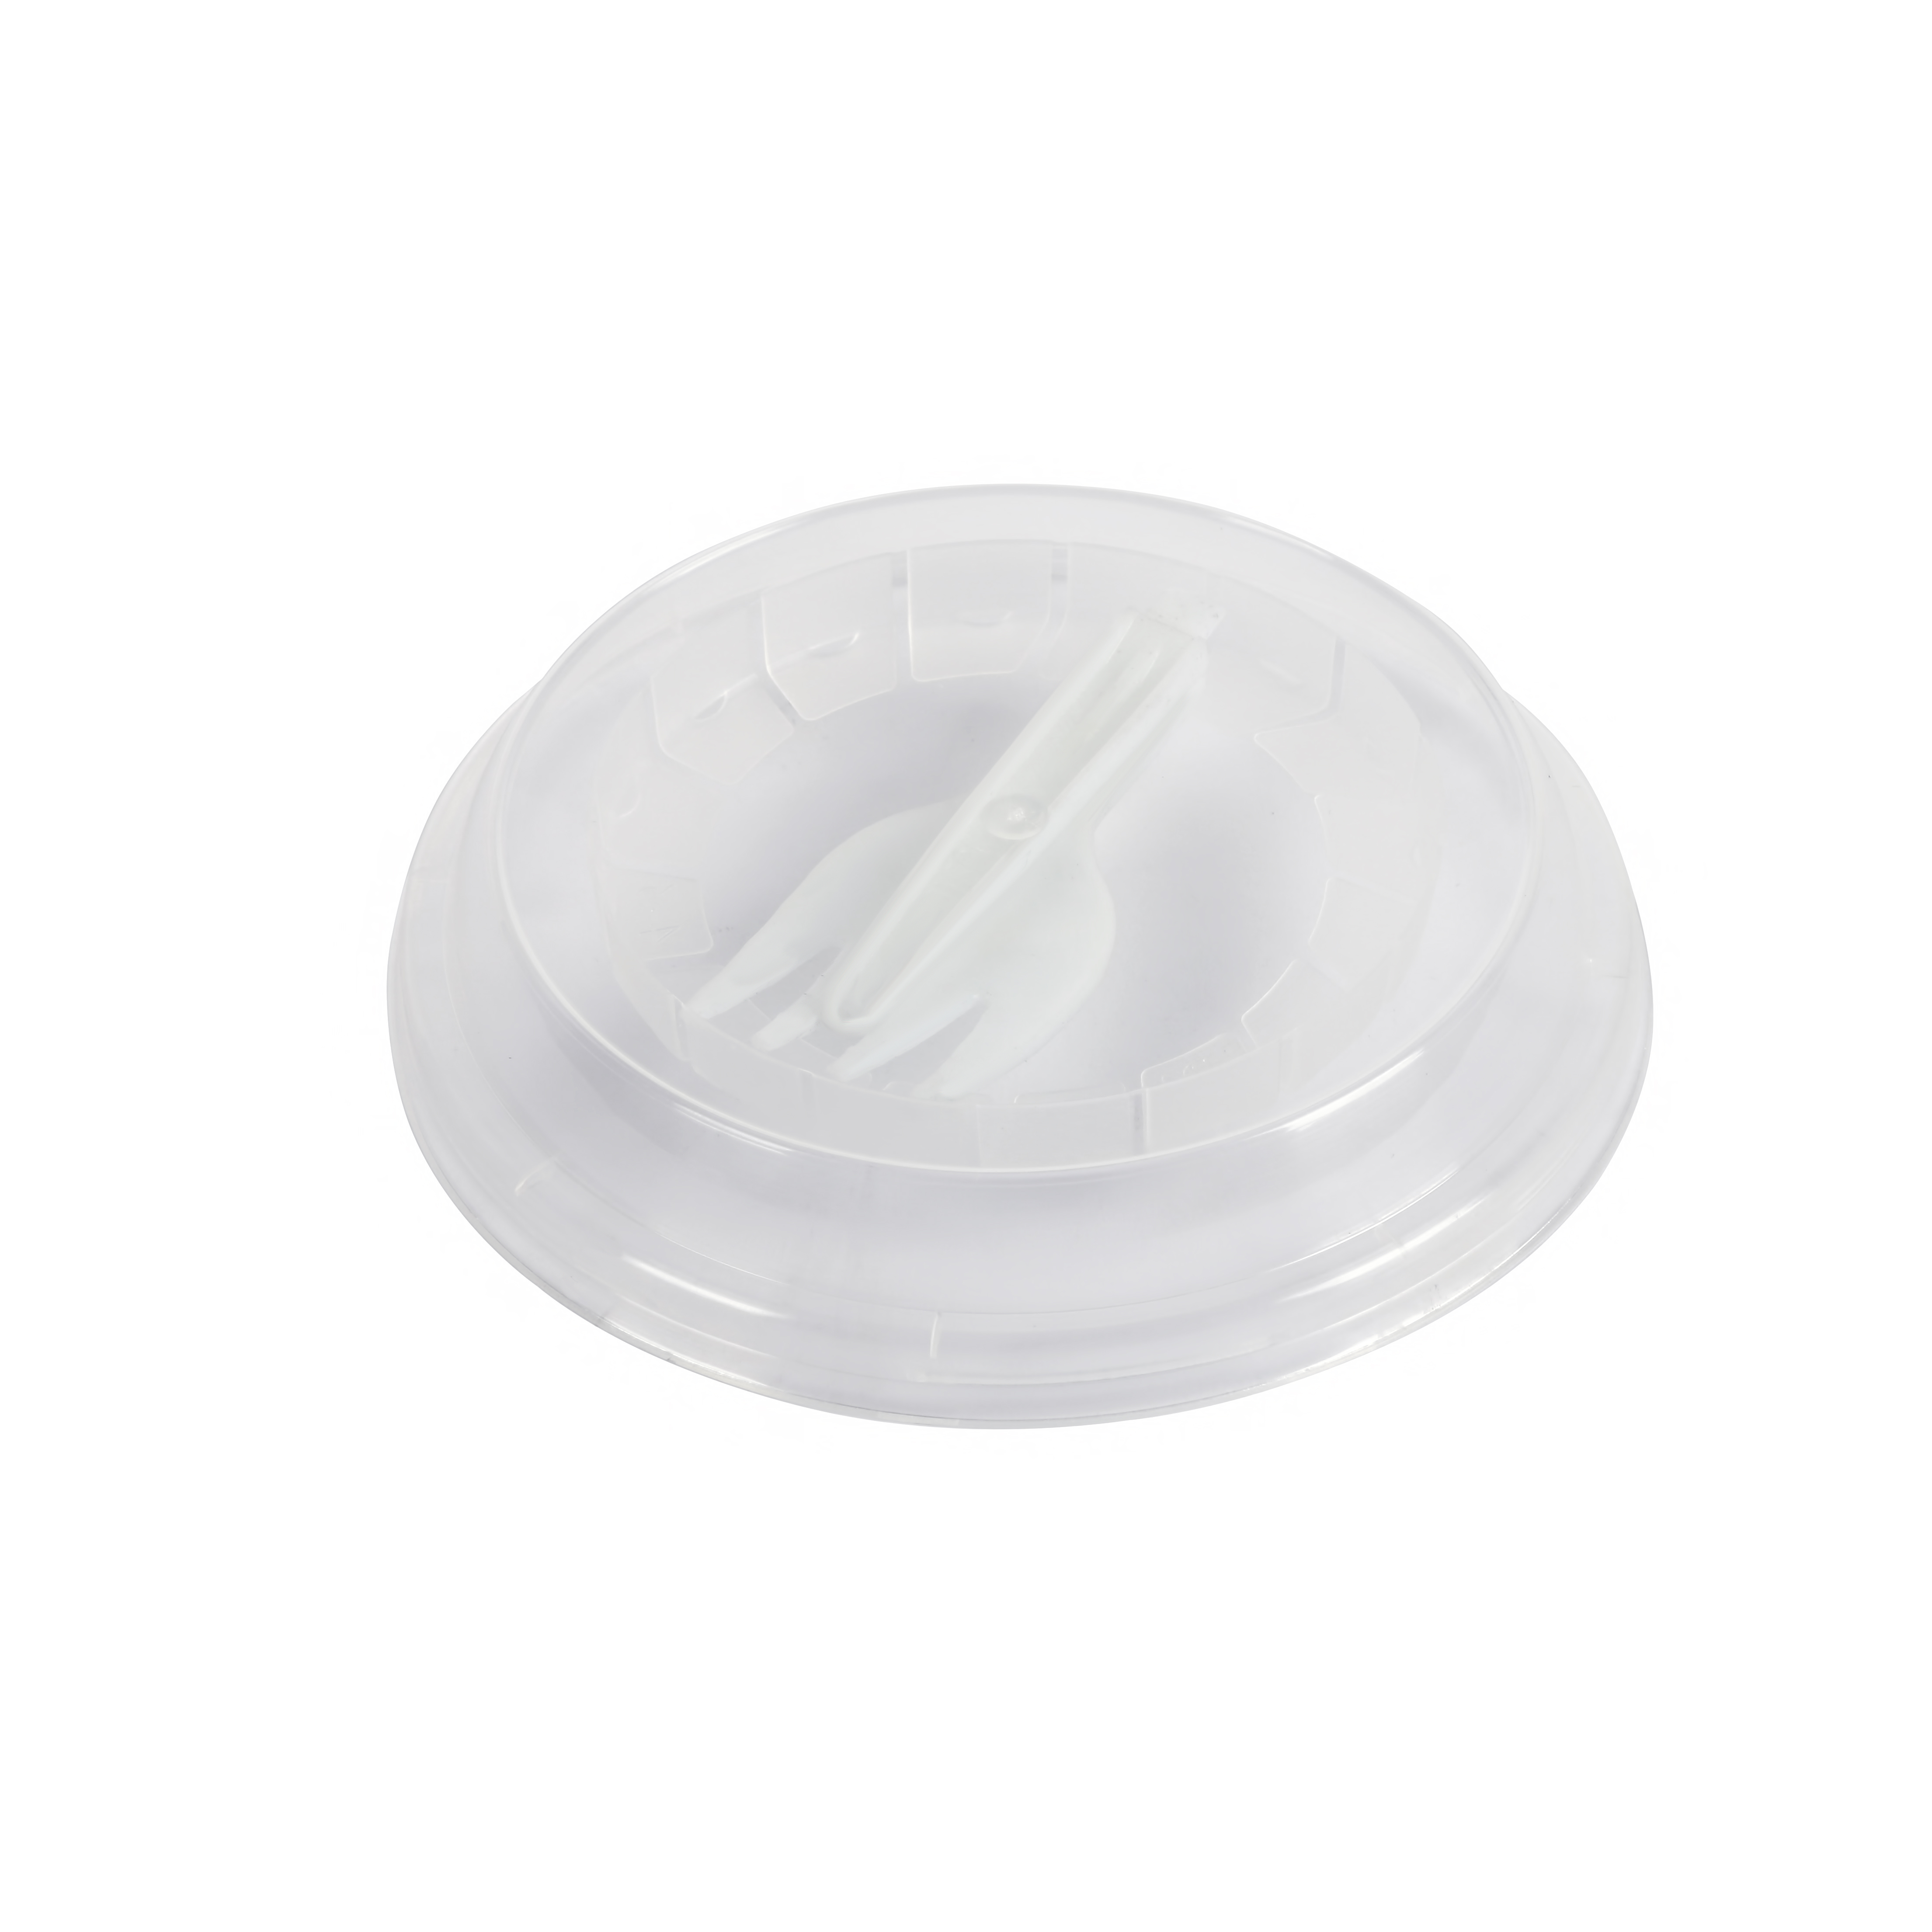 Полипропиленовая крышка (95 мм диаметра) с вложенной вилкой внутри можно купить в киеве по отличной цене.